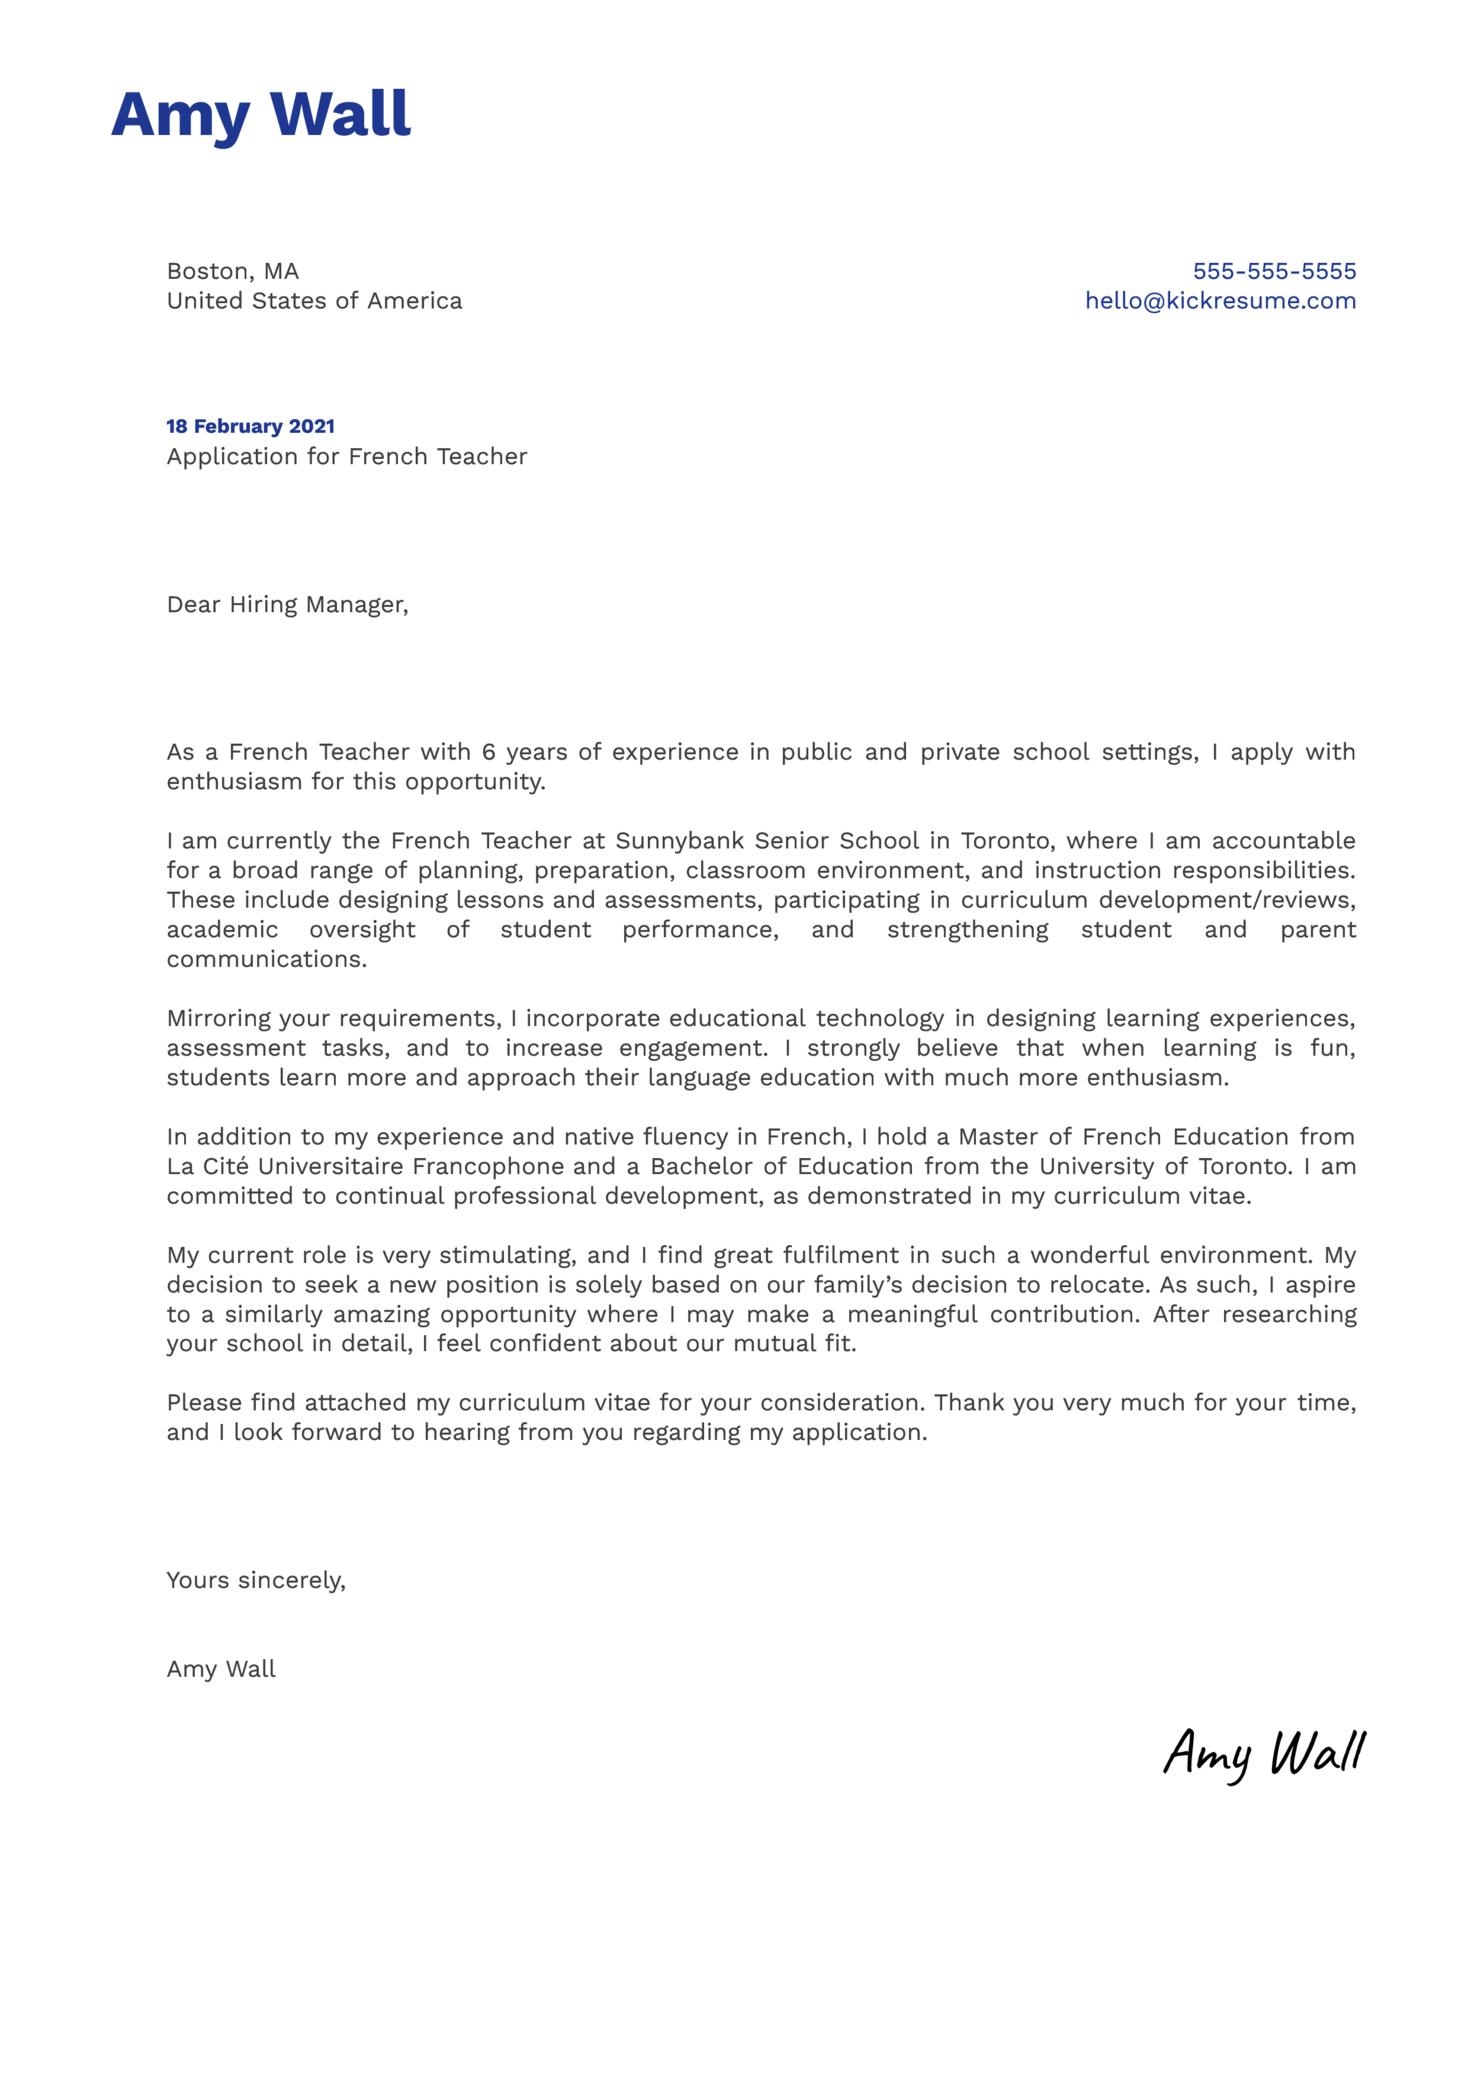 French Teacher Cover Letter Template Kickresume